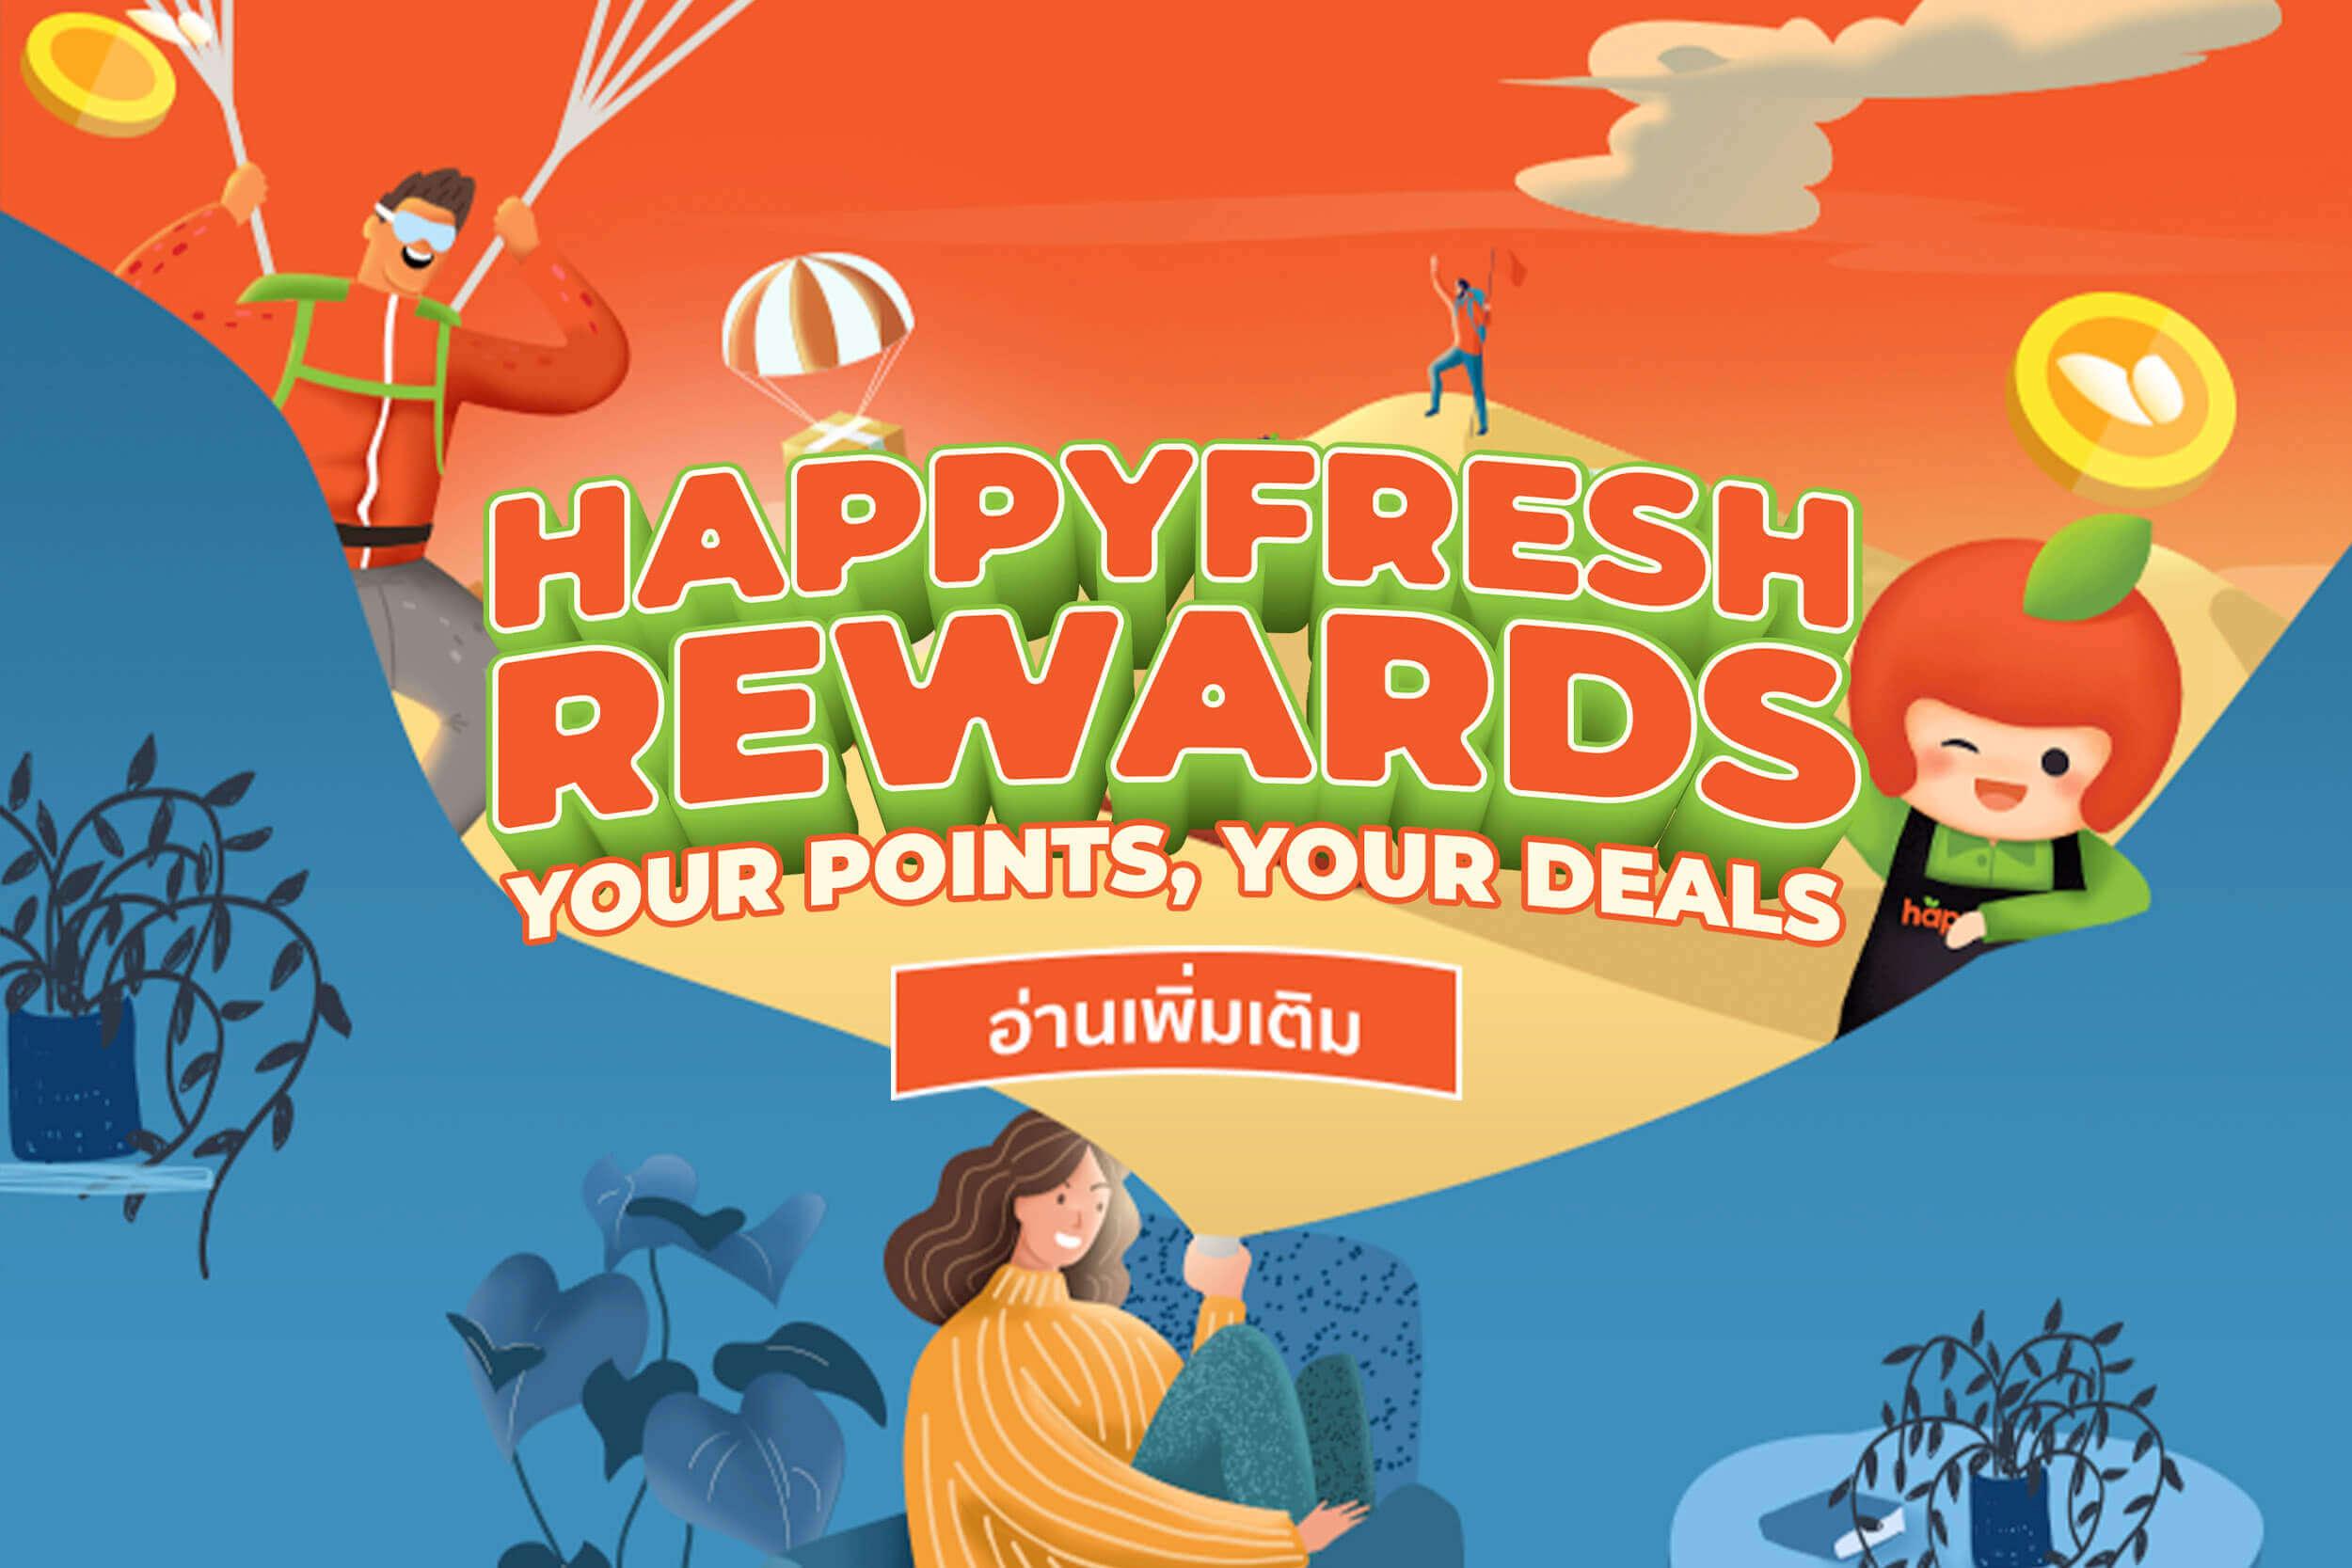 HappyFresh Rewards